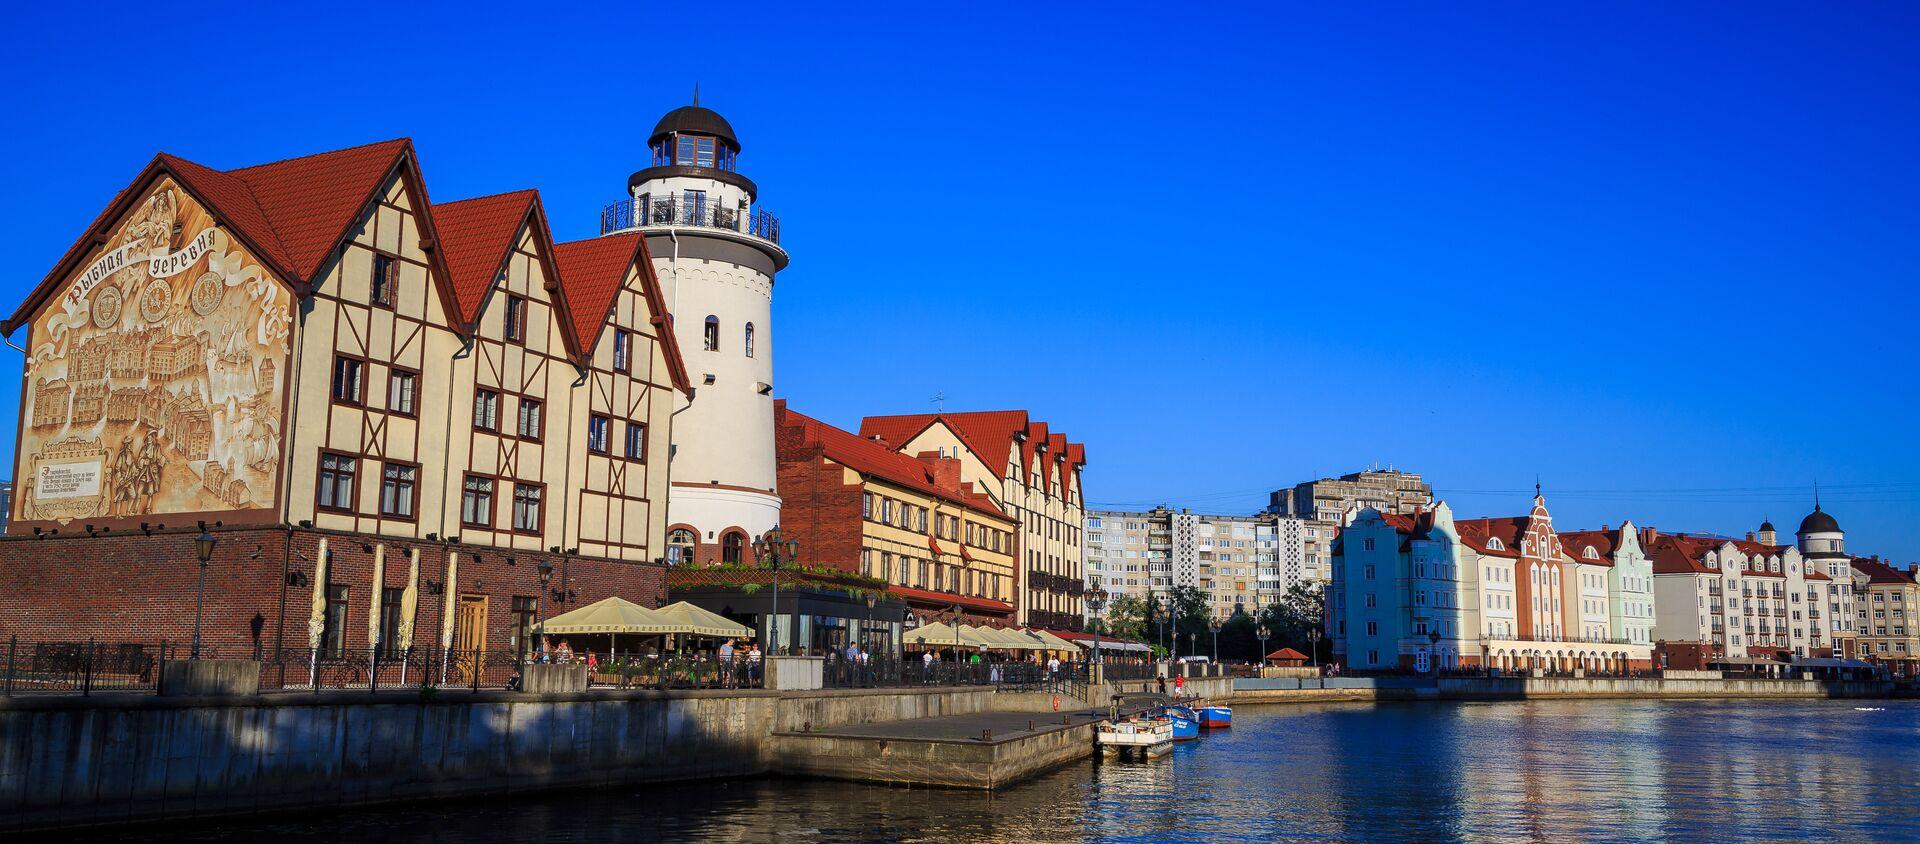 Wioska rybacka, Kaliningrad - Sputnik Polska, 1920, 09.03.2020